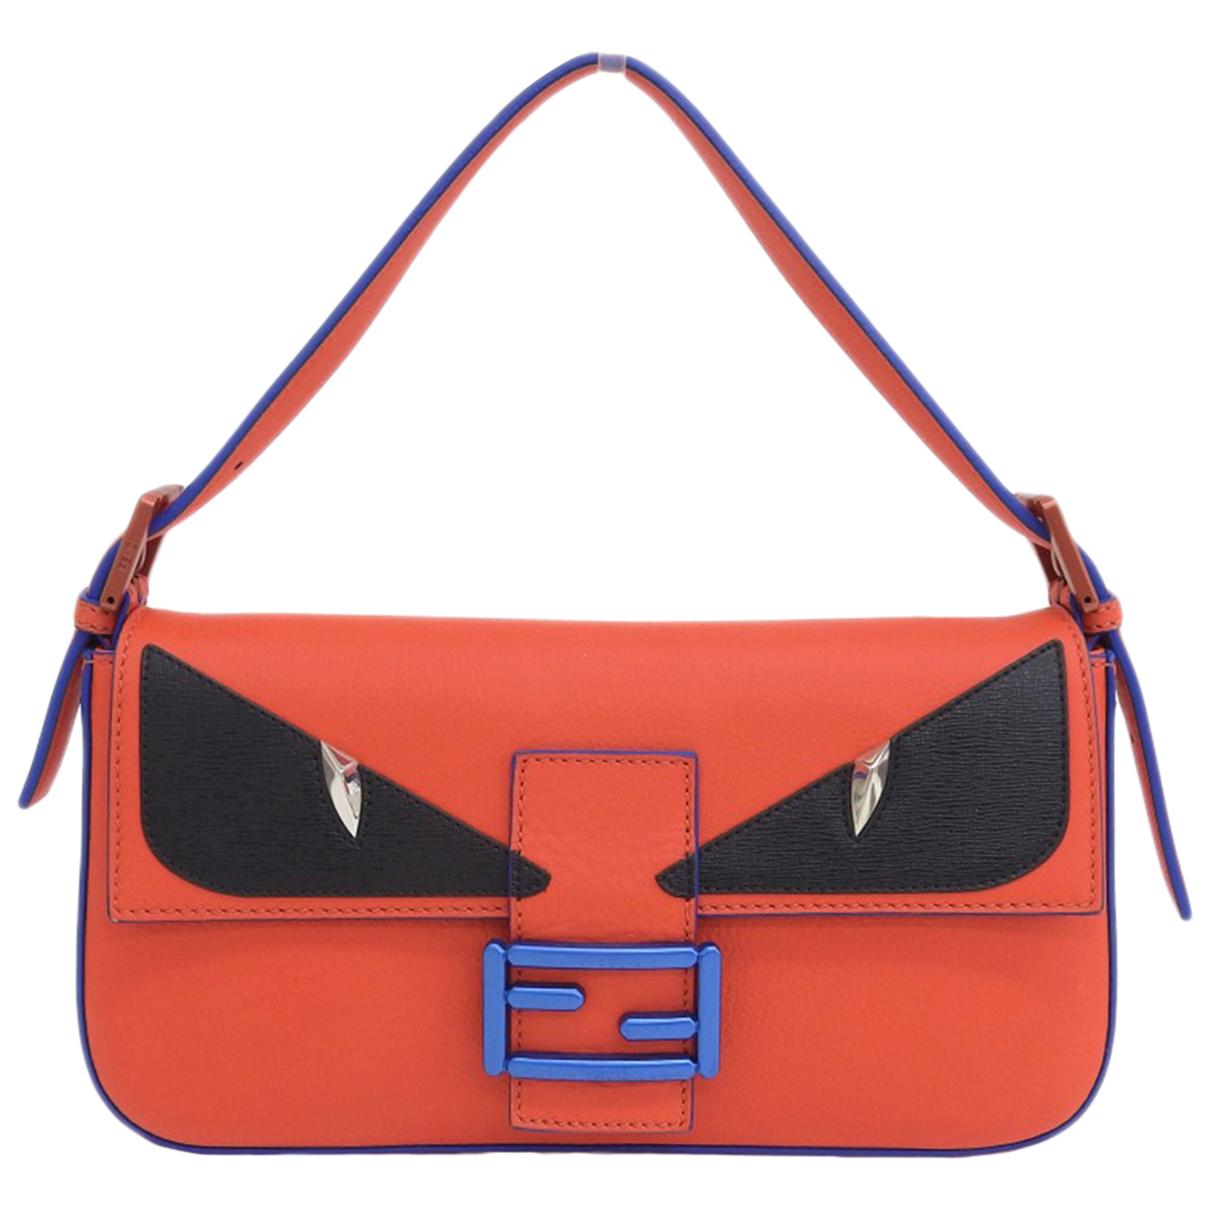 Fendi Baguette Handtasche in  Rot Leder